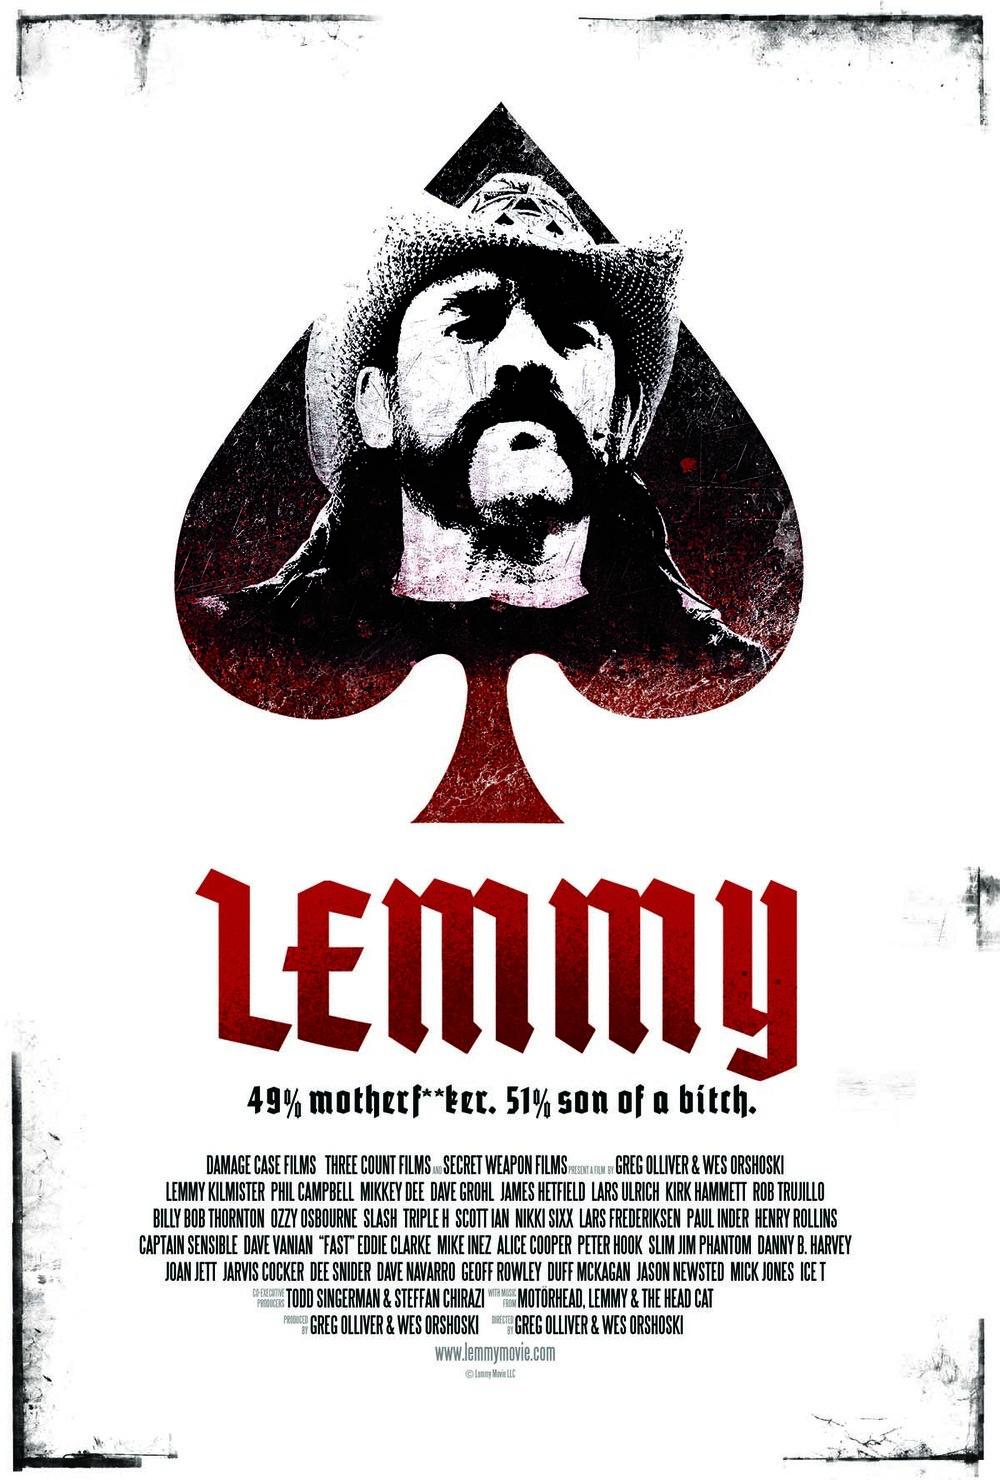 lemmy_poster_FINALTHREECOUNTforprint_20101130_1229251.jpg